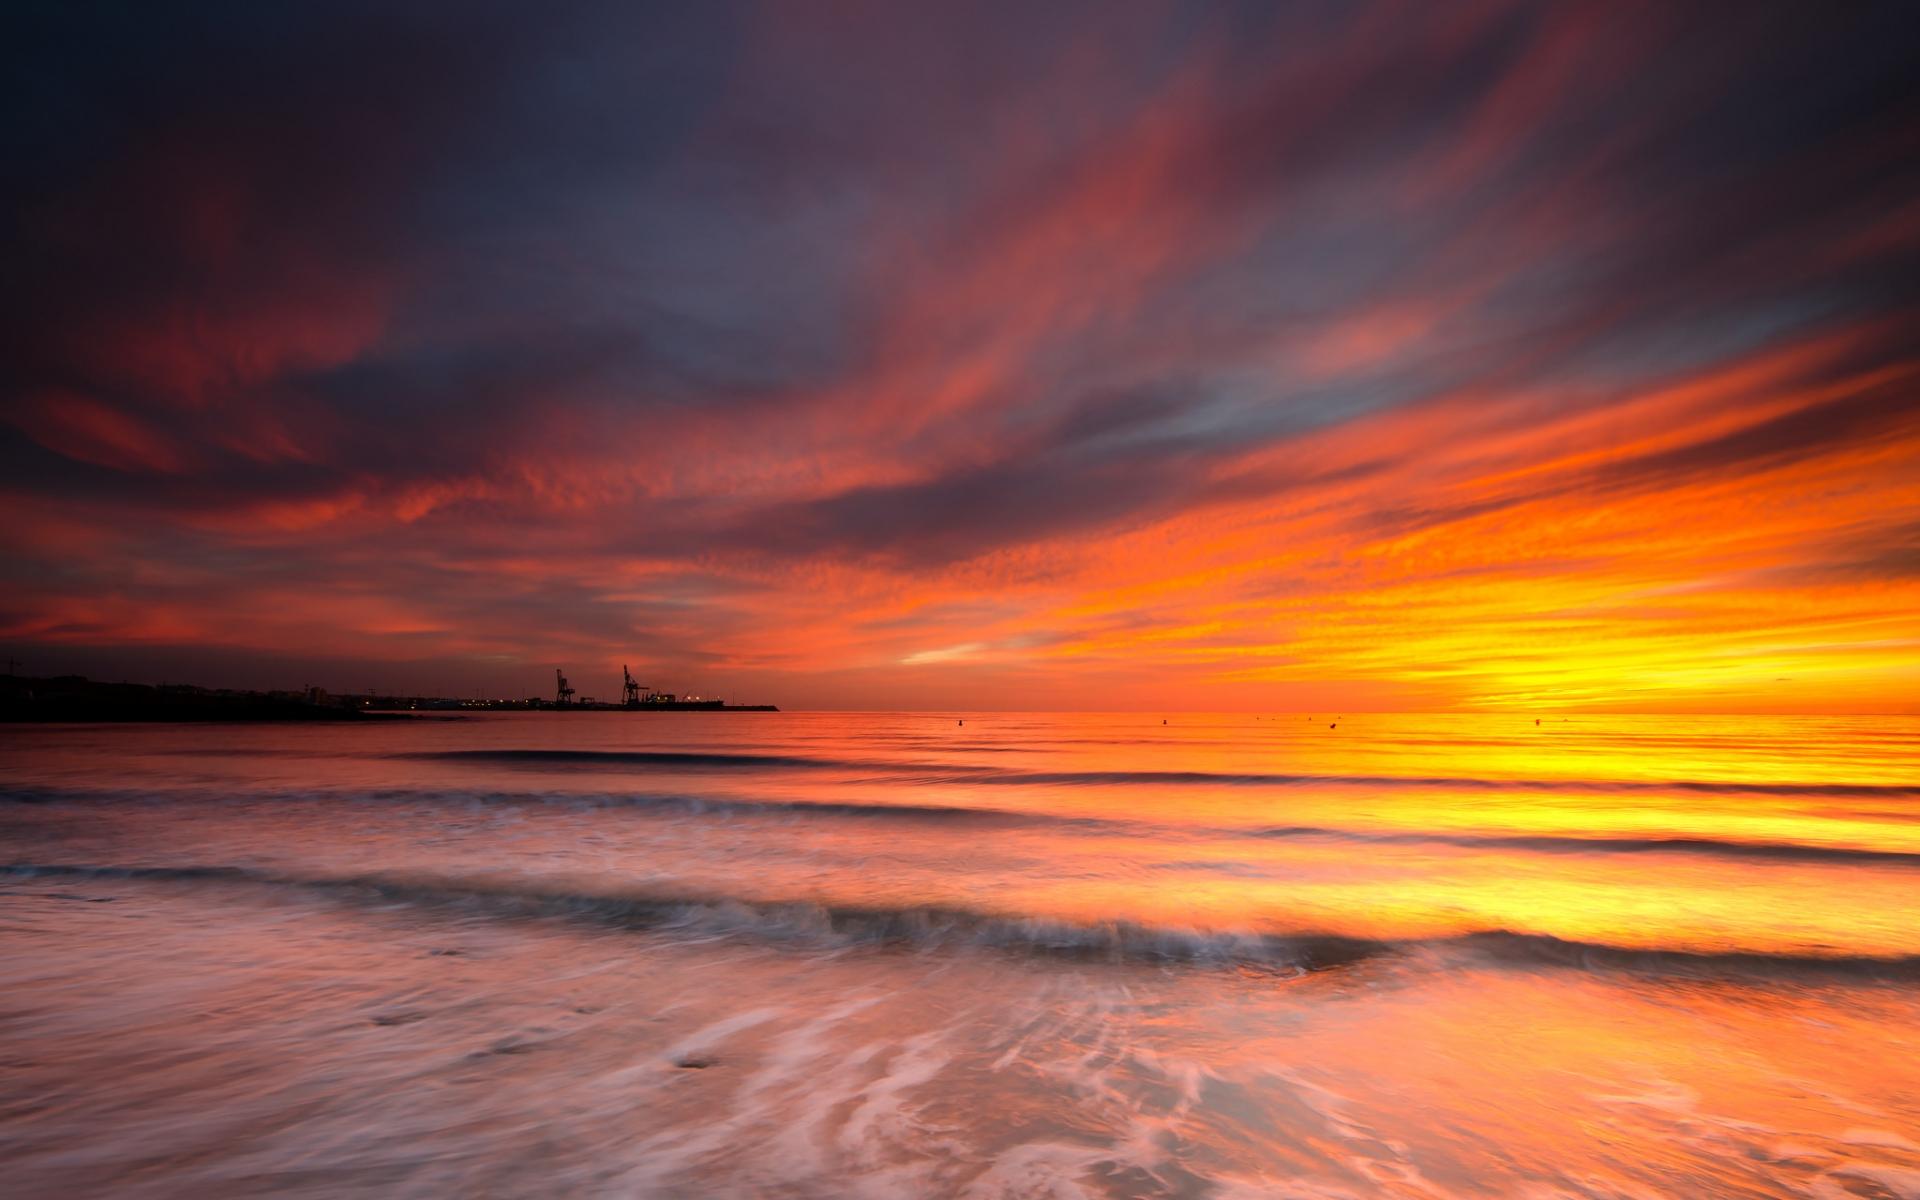 Cielo naranja en el mar - 1920x1200